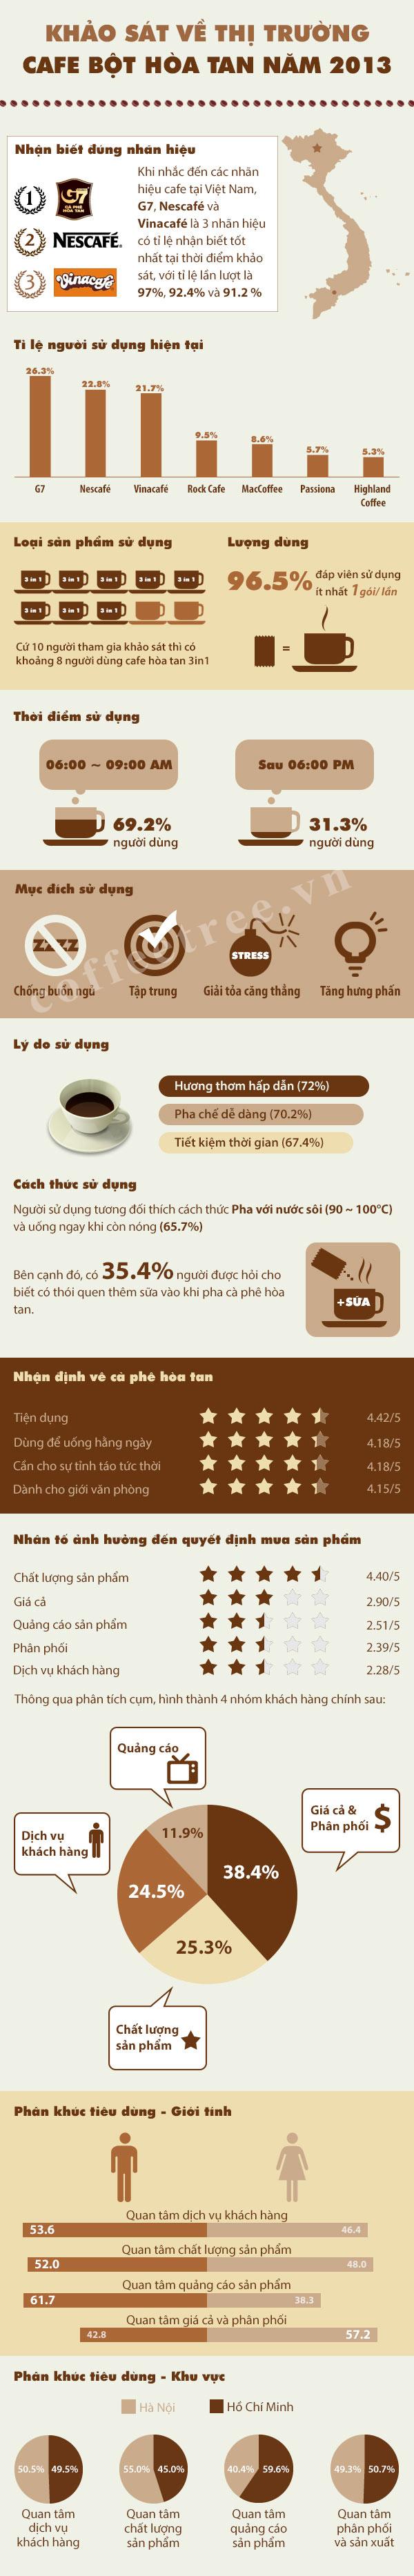 khảo sát thị trường cà phê 2013